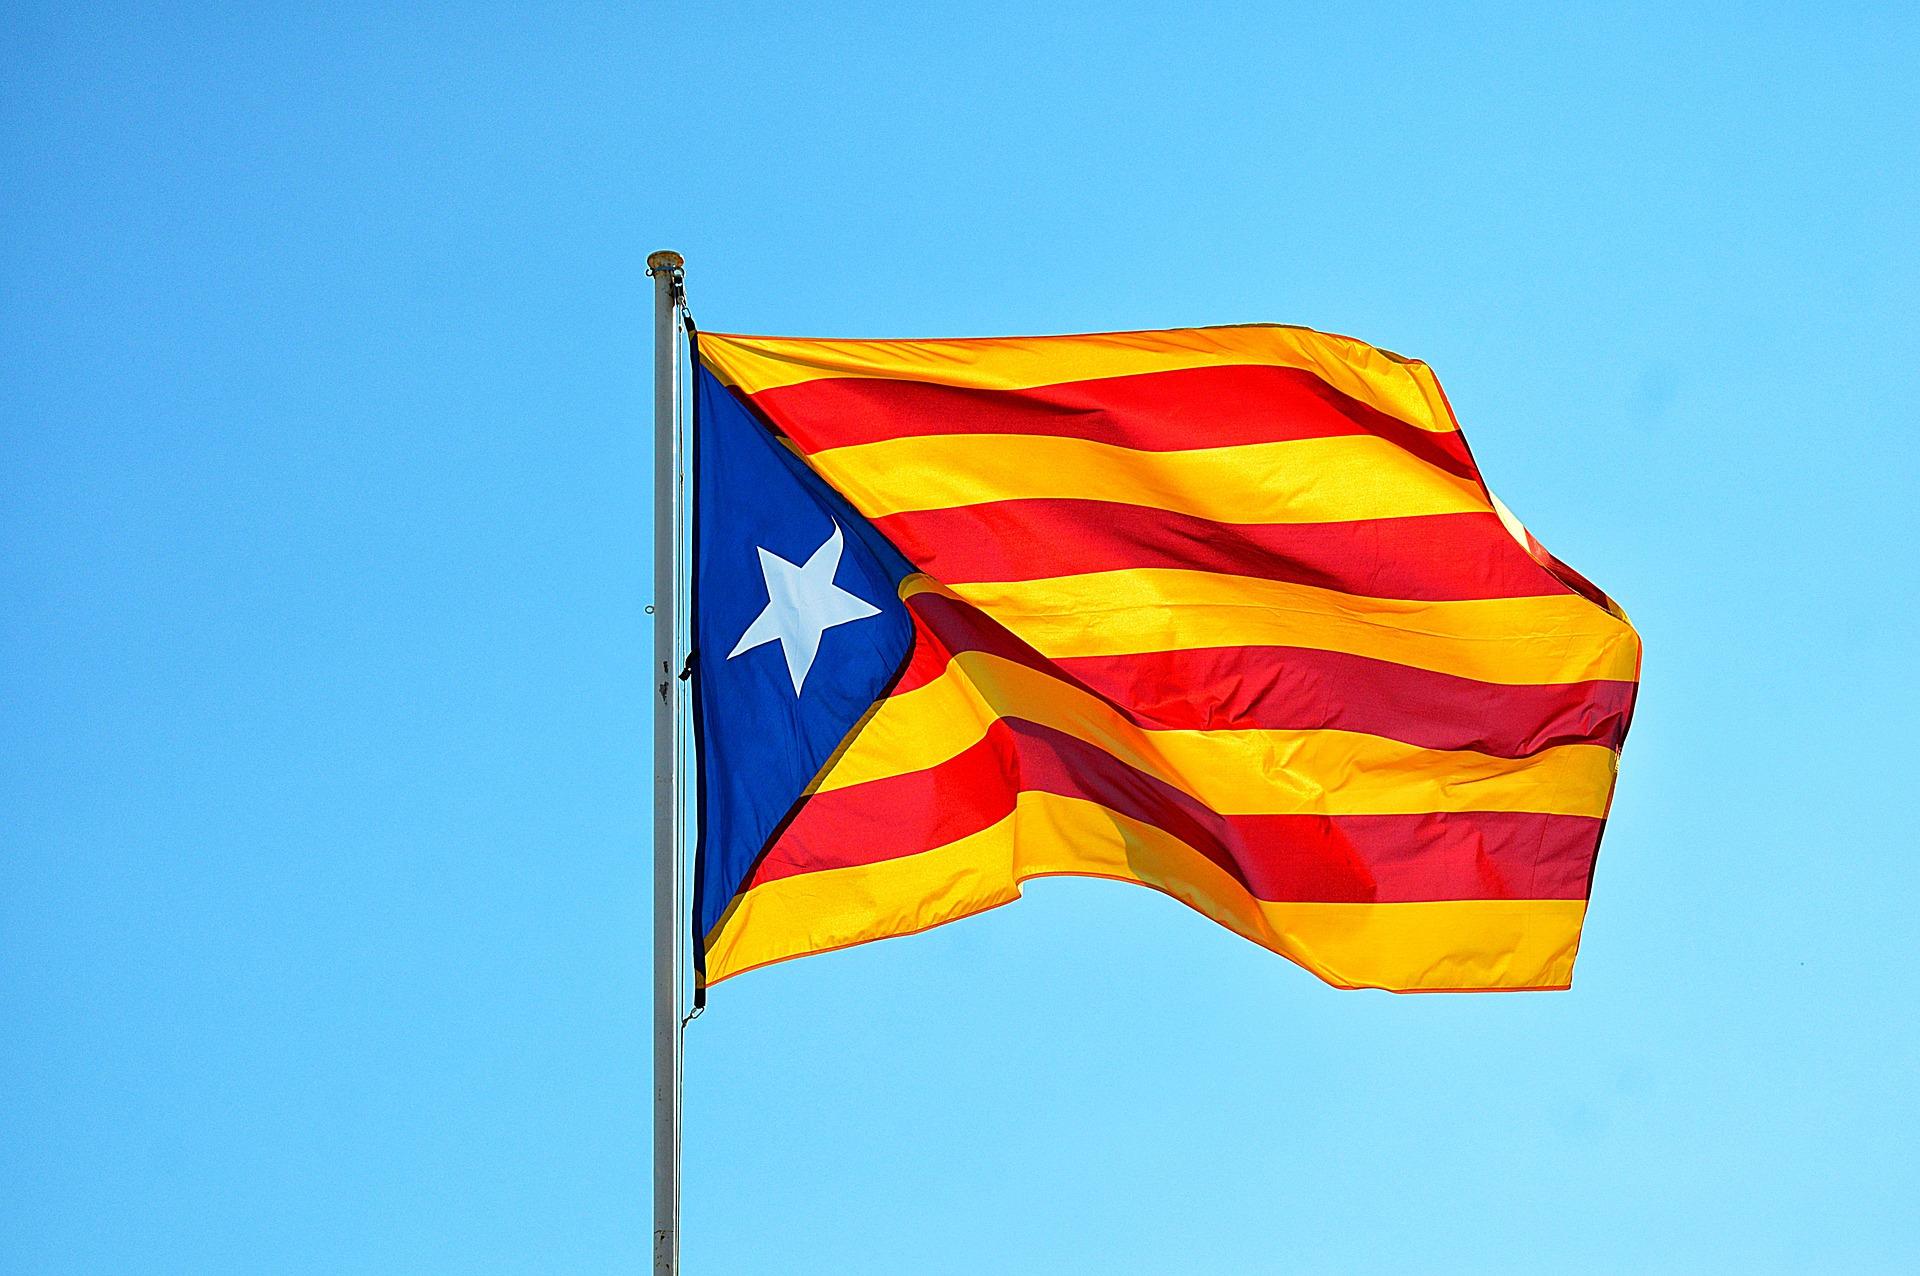 Ergebnis der spanischen Parlamentswahl – ein starkes Signal für ein Europa der Regionen